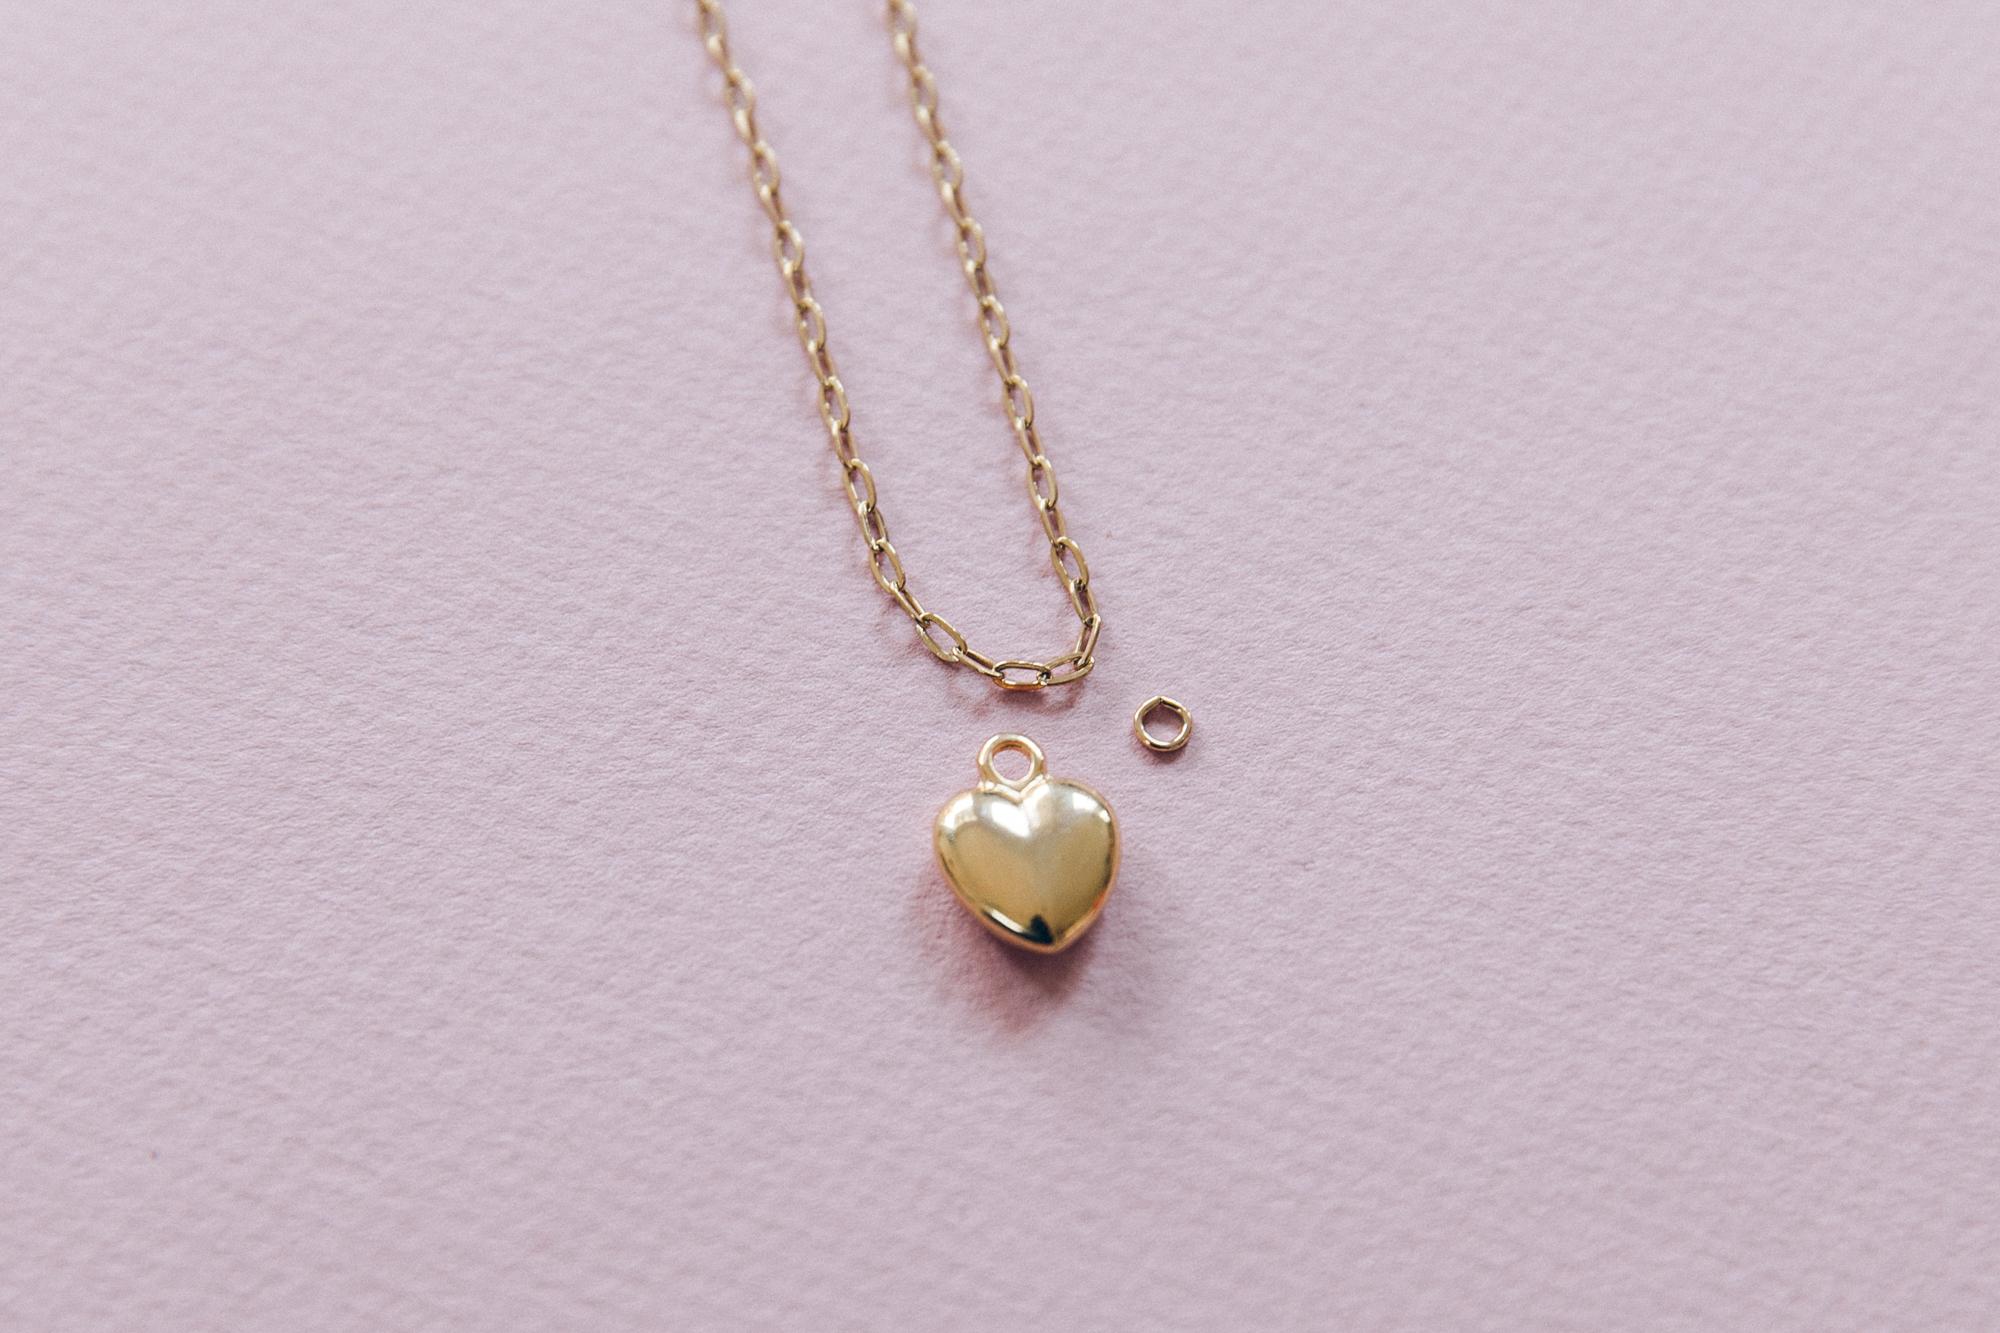 diy collier chaine maille et pendentif coeur doré-8